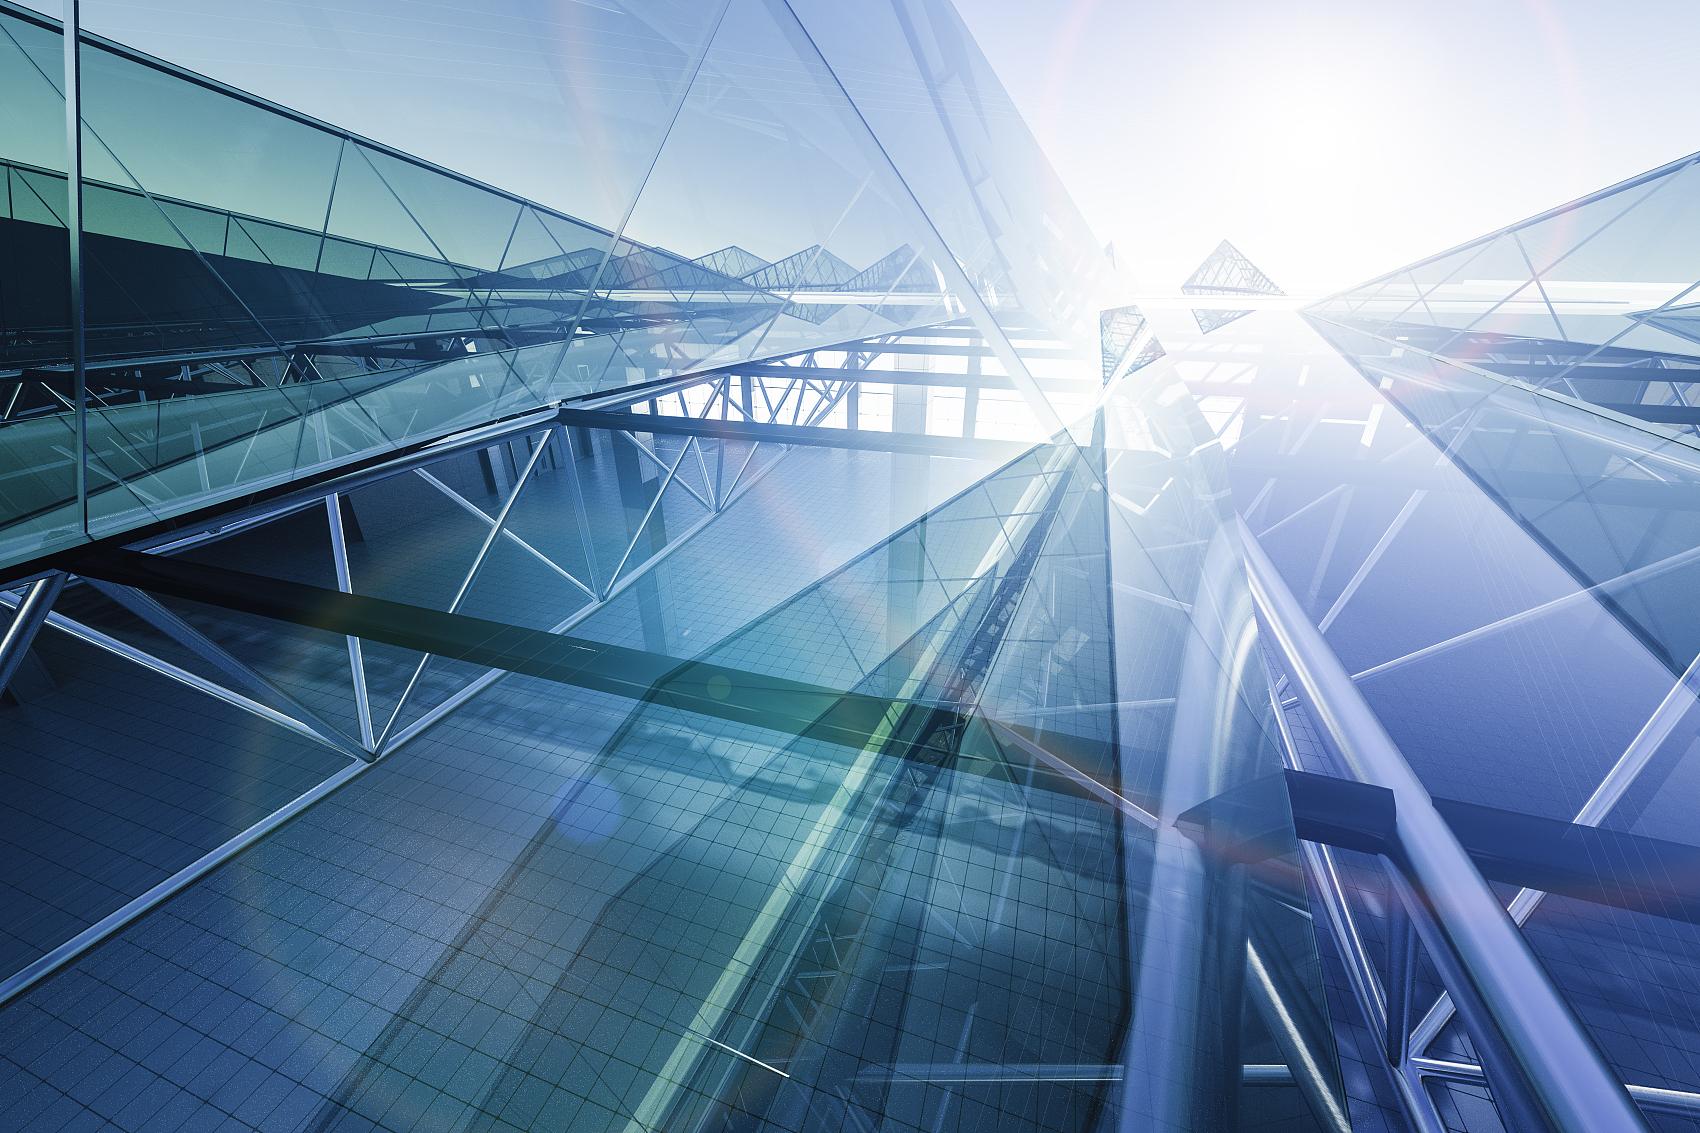 智能建筑将如何影响房地产开发的未来?